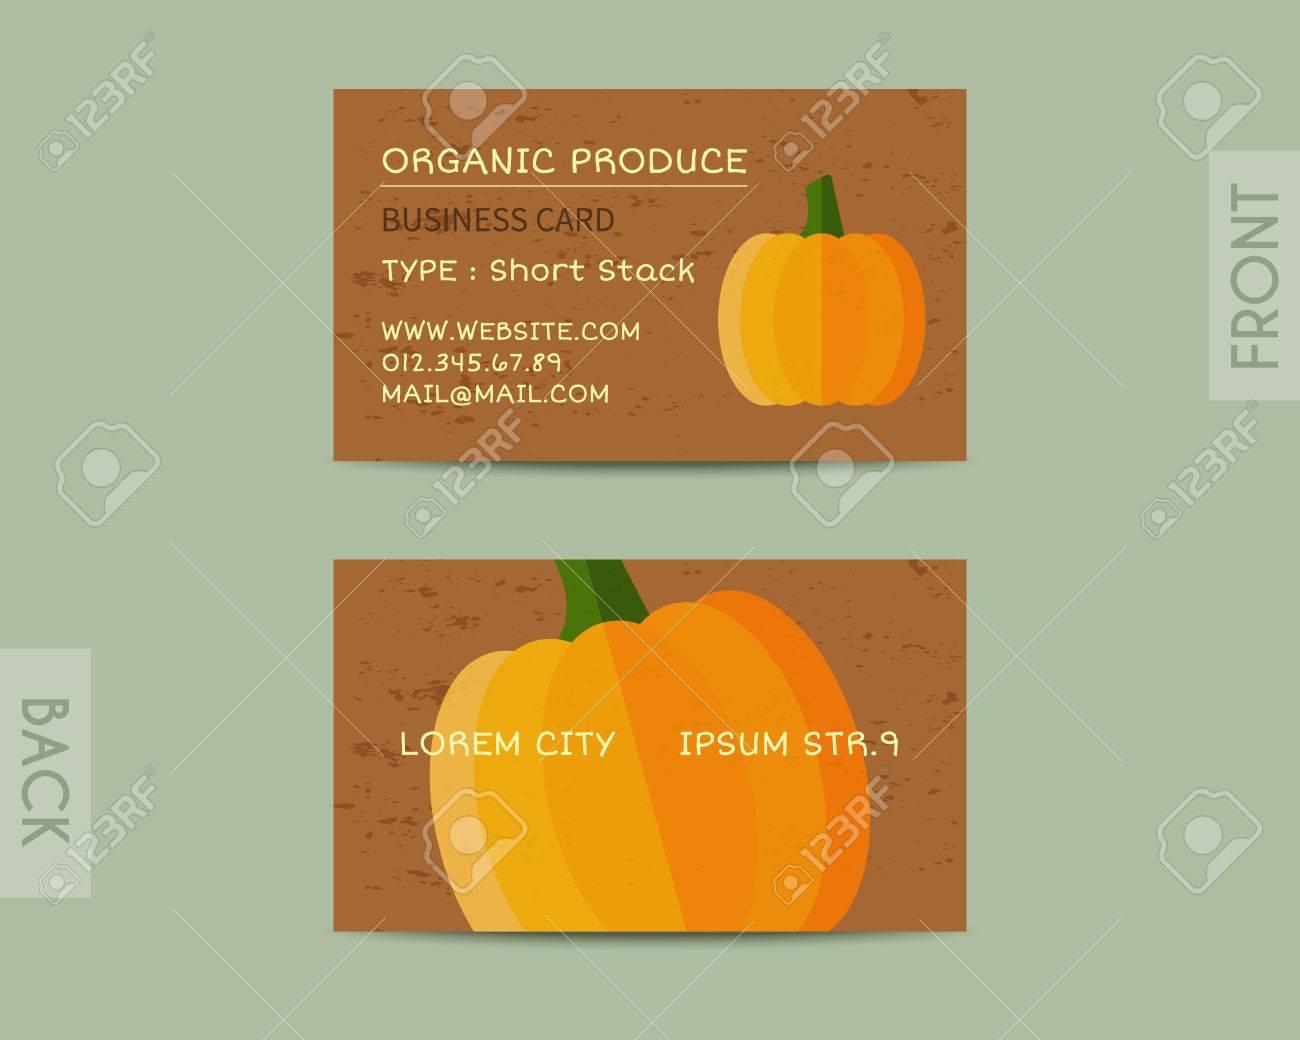 Verano Organic Farm Elementos De Identidad De Marca Fresca ...